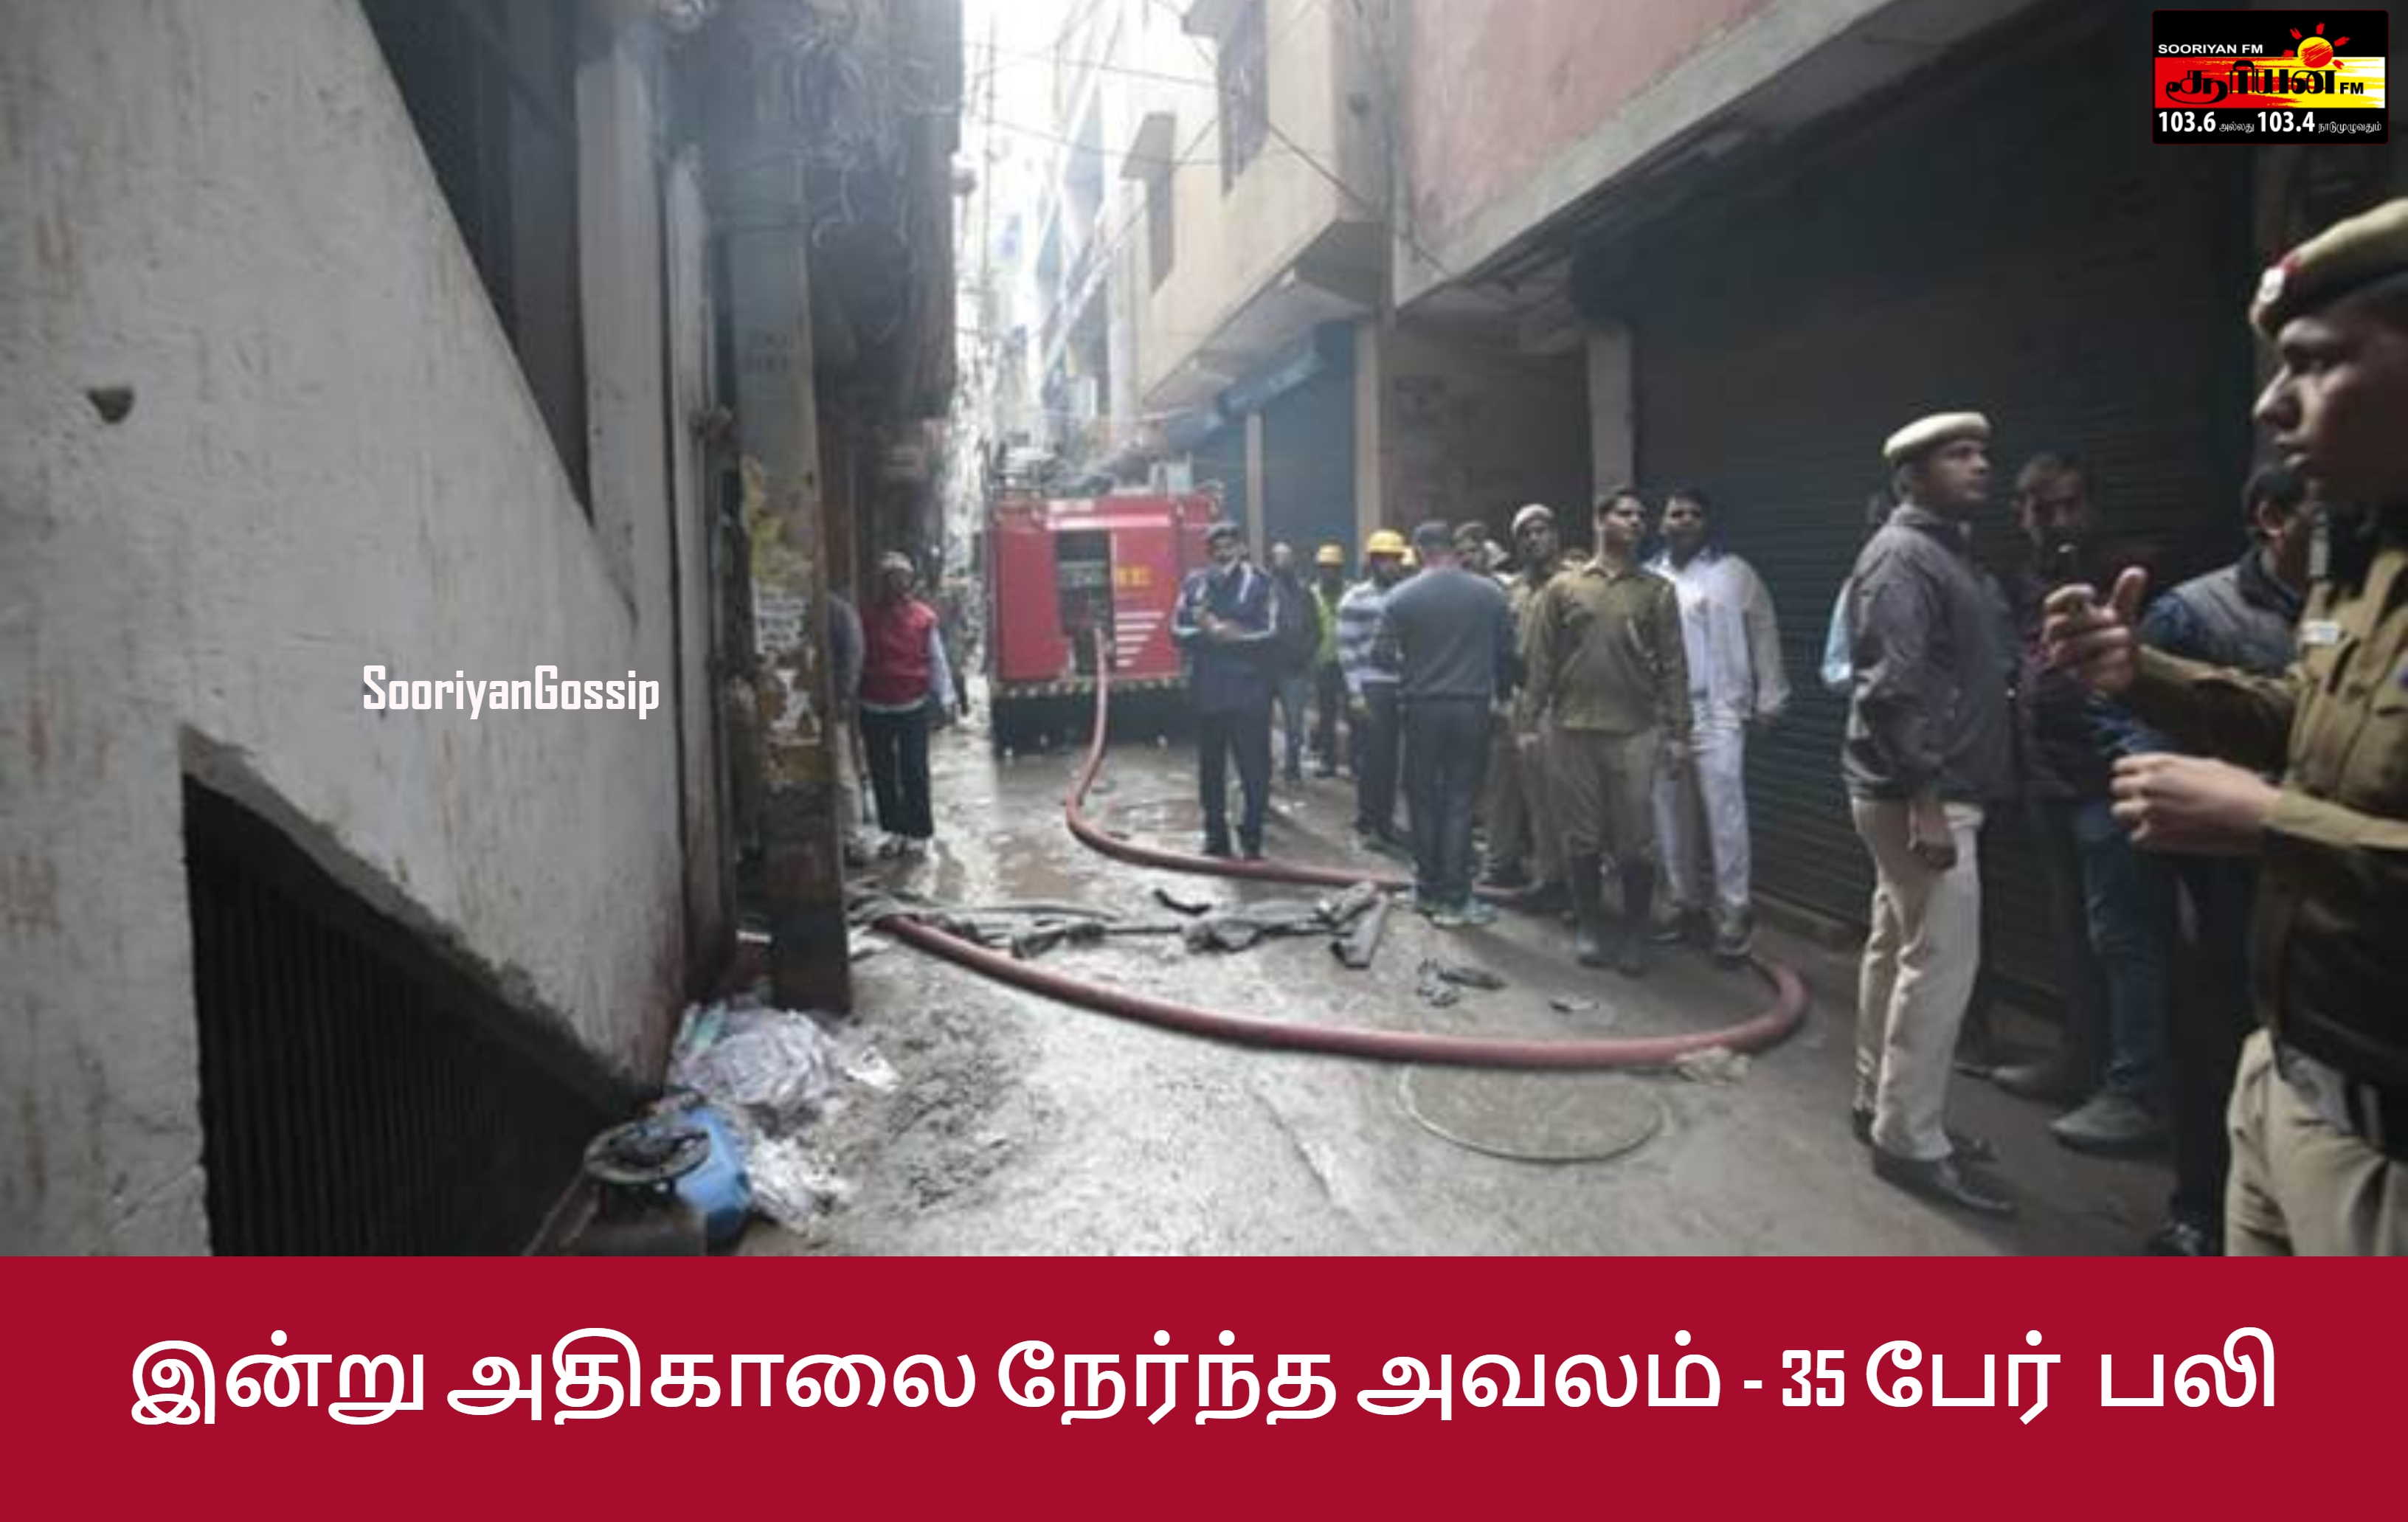 இன்று அதிகாலை நேர்ந்த அவலம்  35 பேர்  பலி